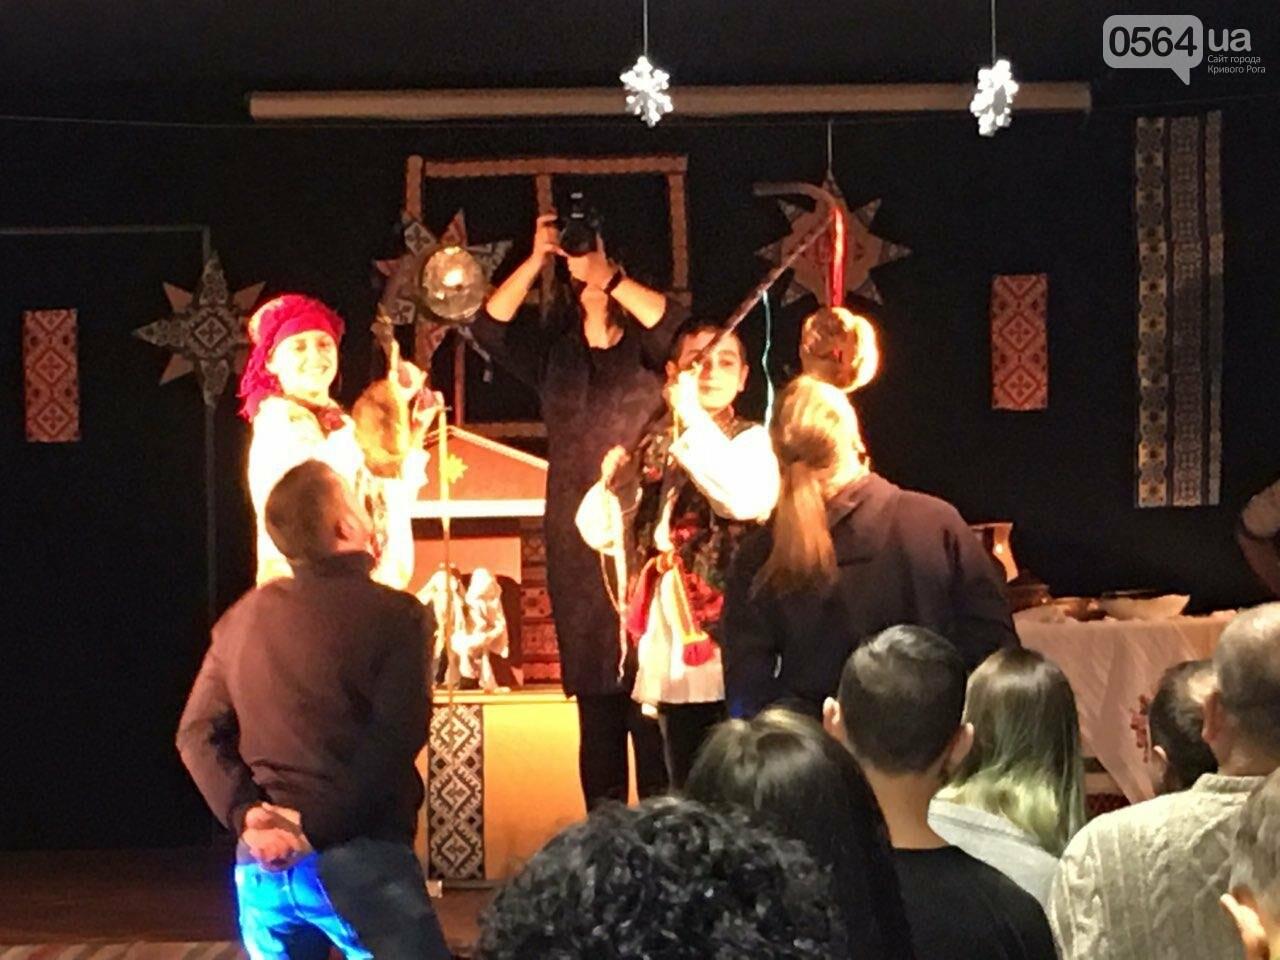 Христос рождается! В Кривом Роге показали Рождественский вертеп, - ФОТО, ВИДЕО, фото-3